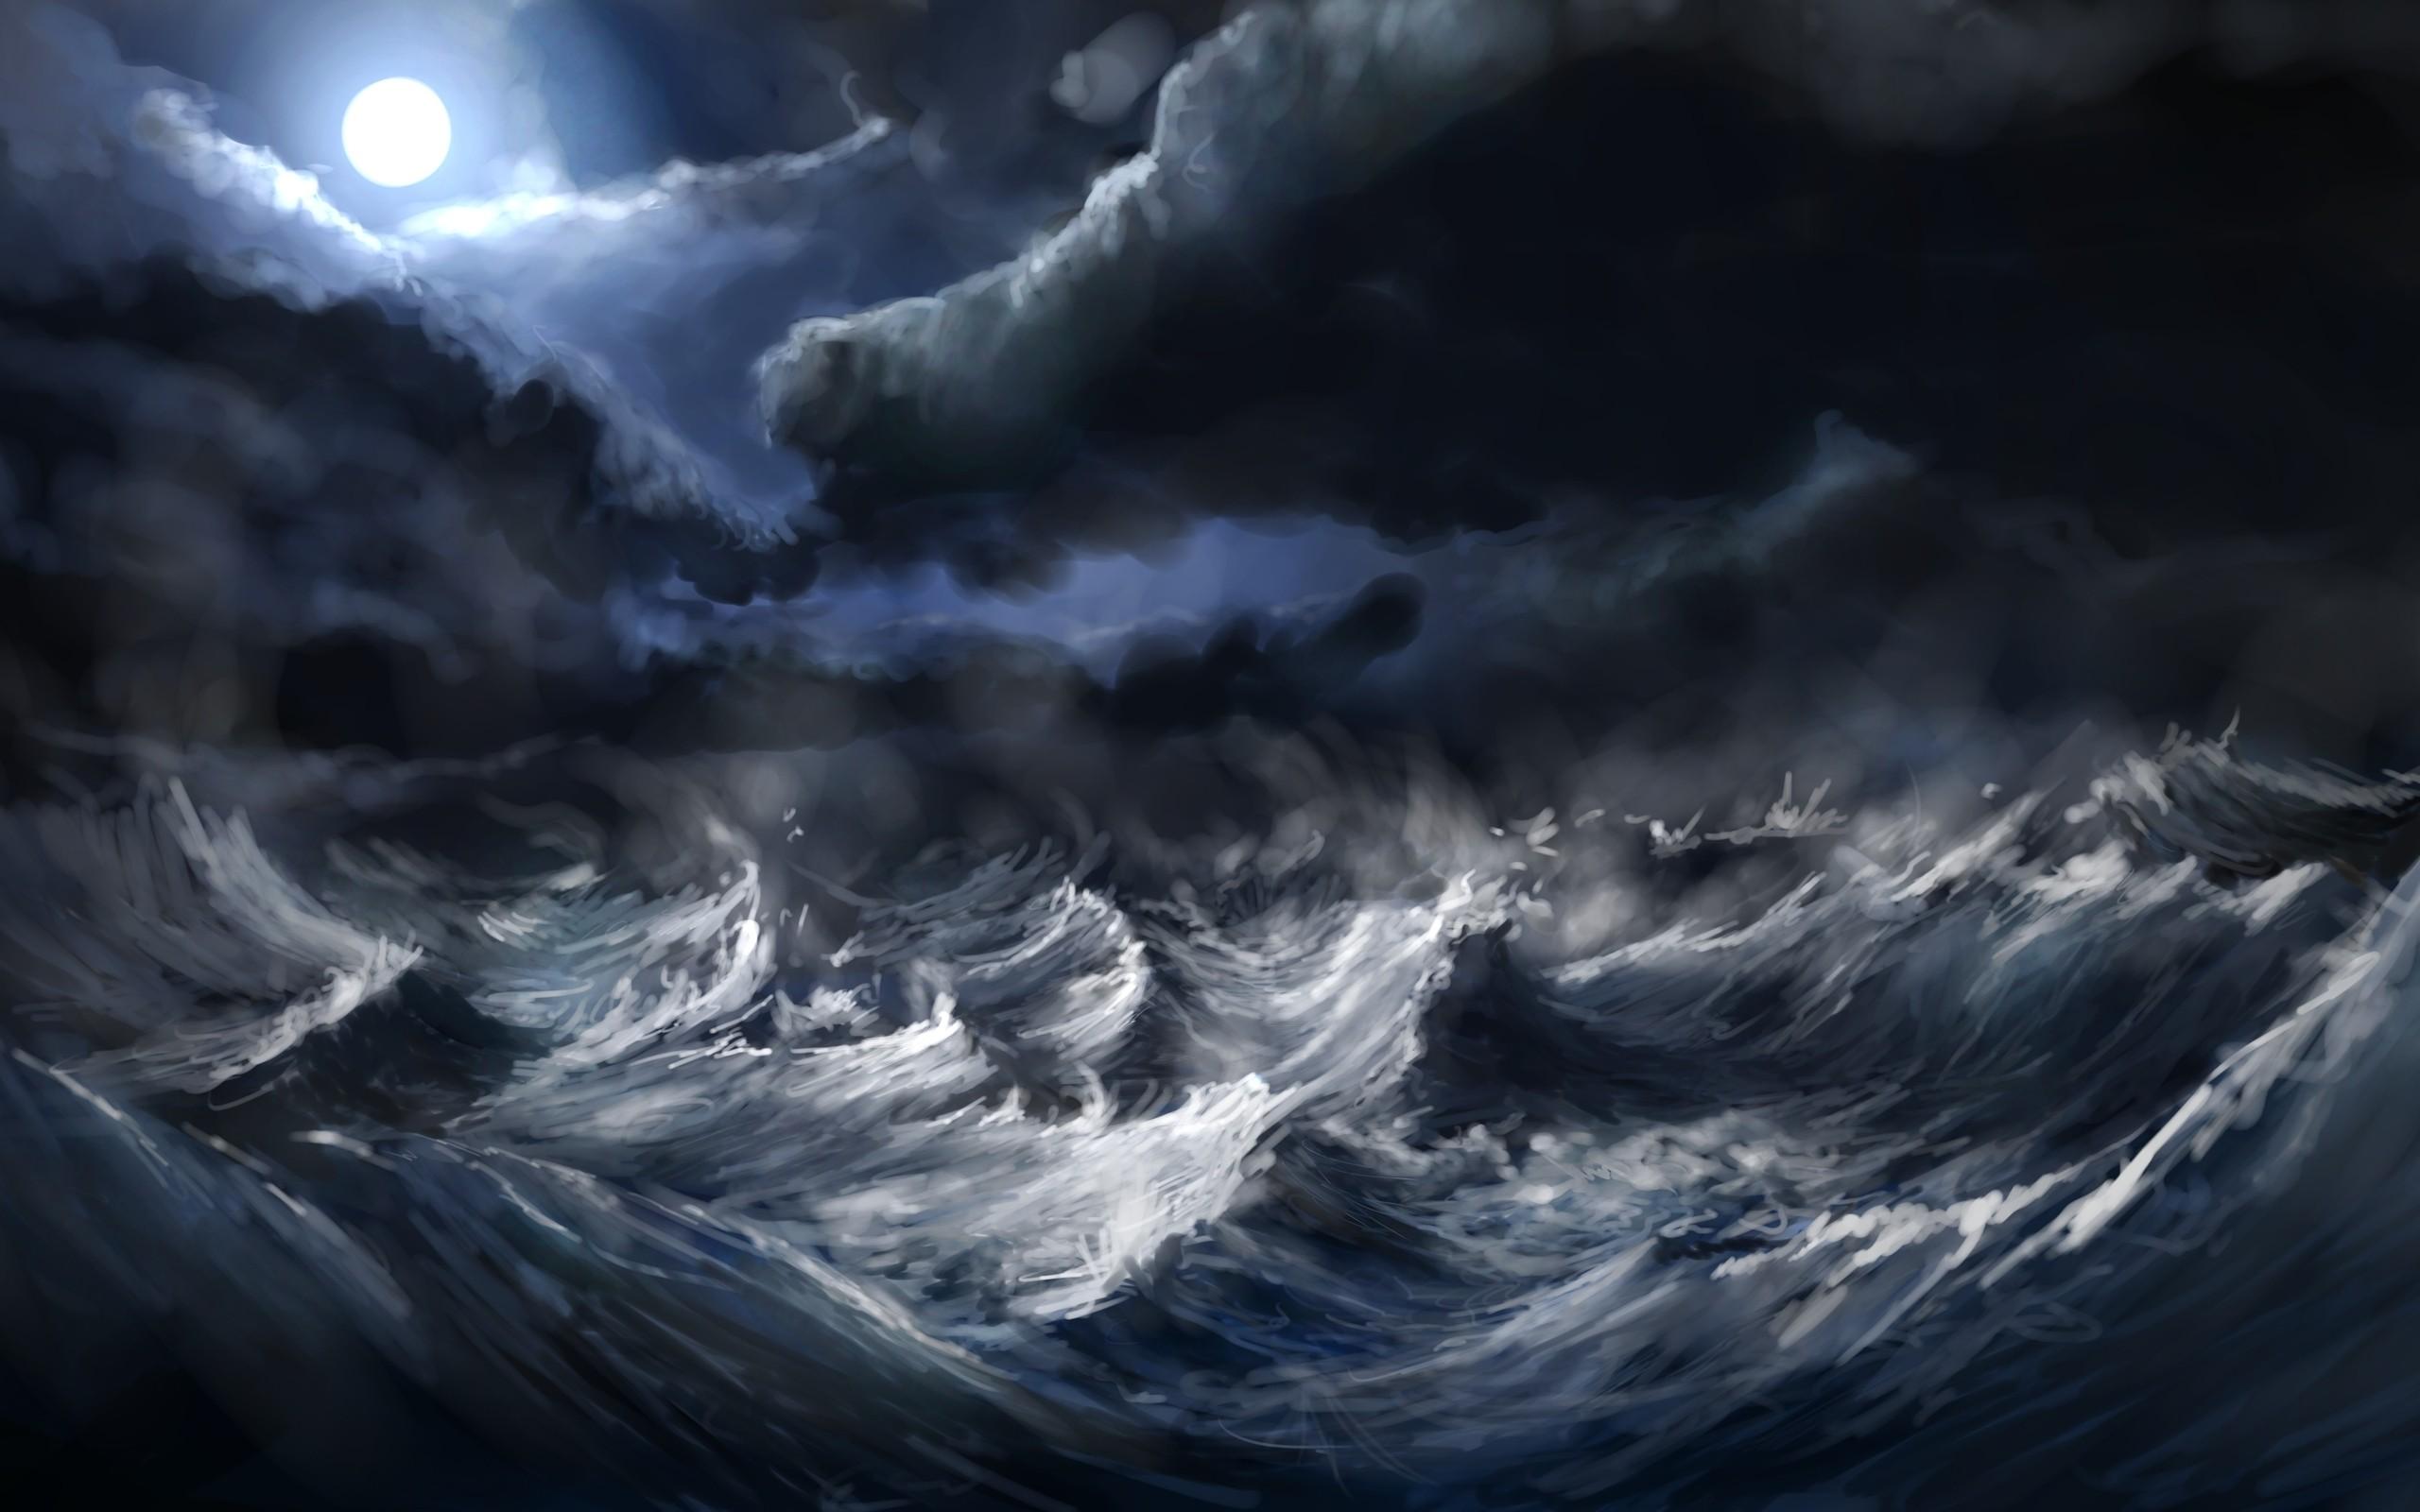 Storm Wallpapers - WallpaperSafari